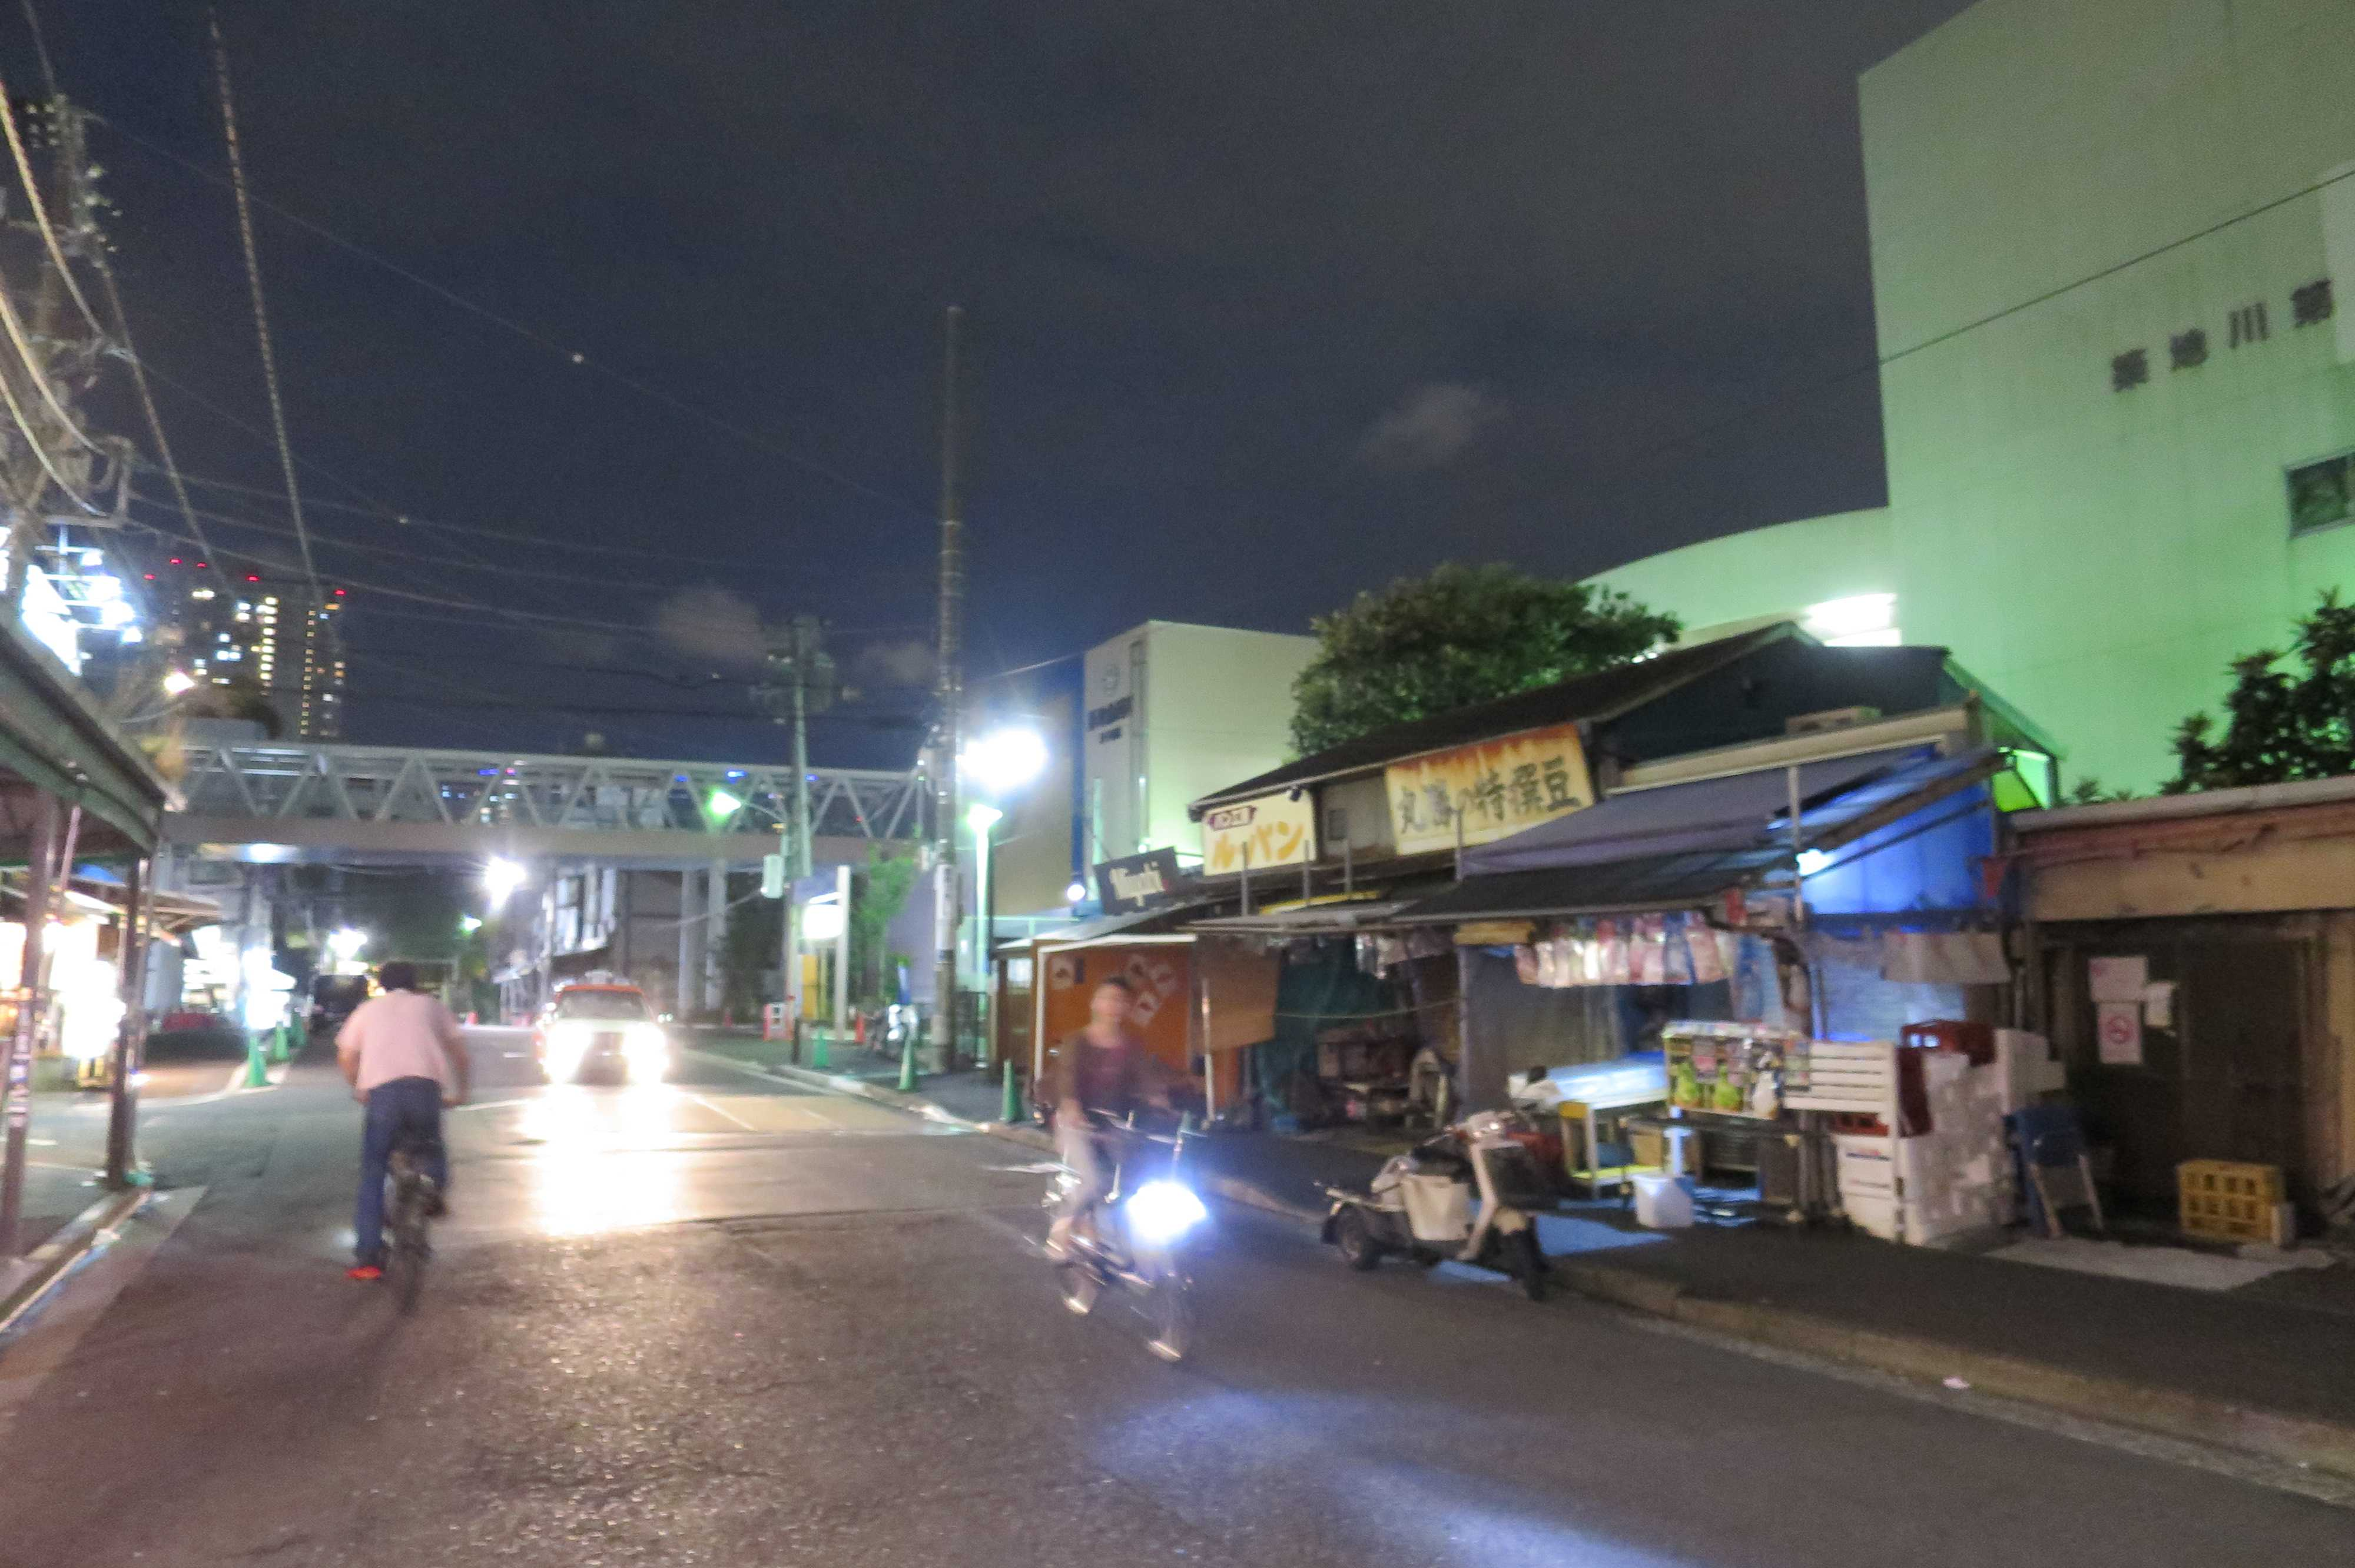 築地場外市場(築地市場 場外) - 東京都中央区